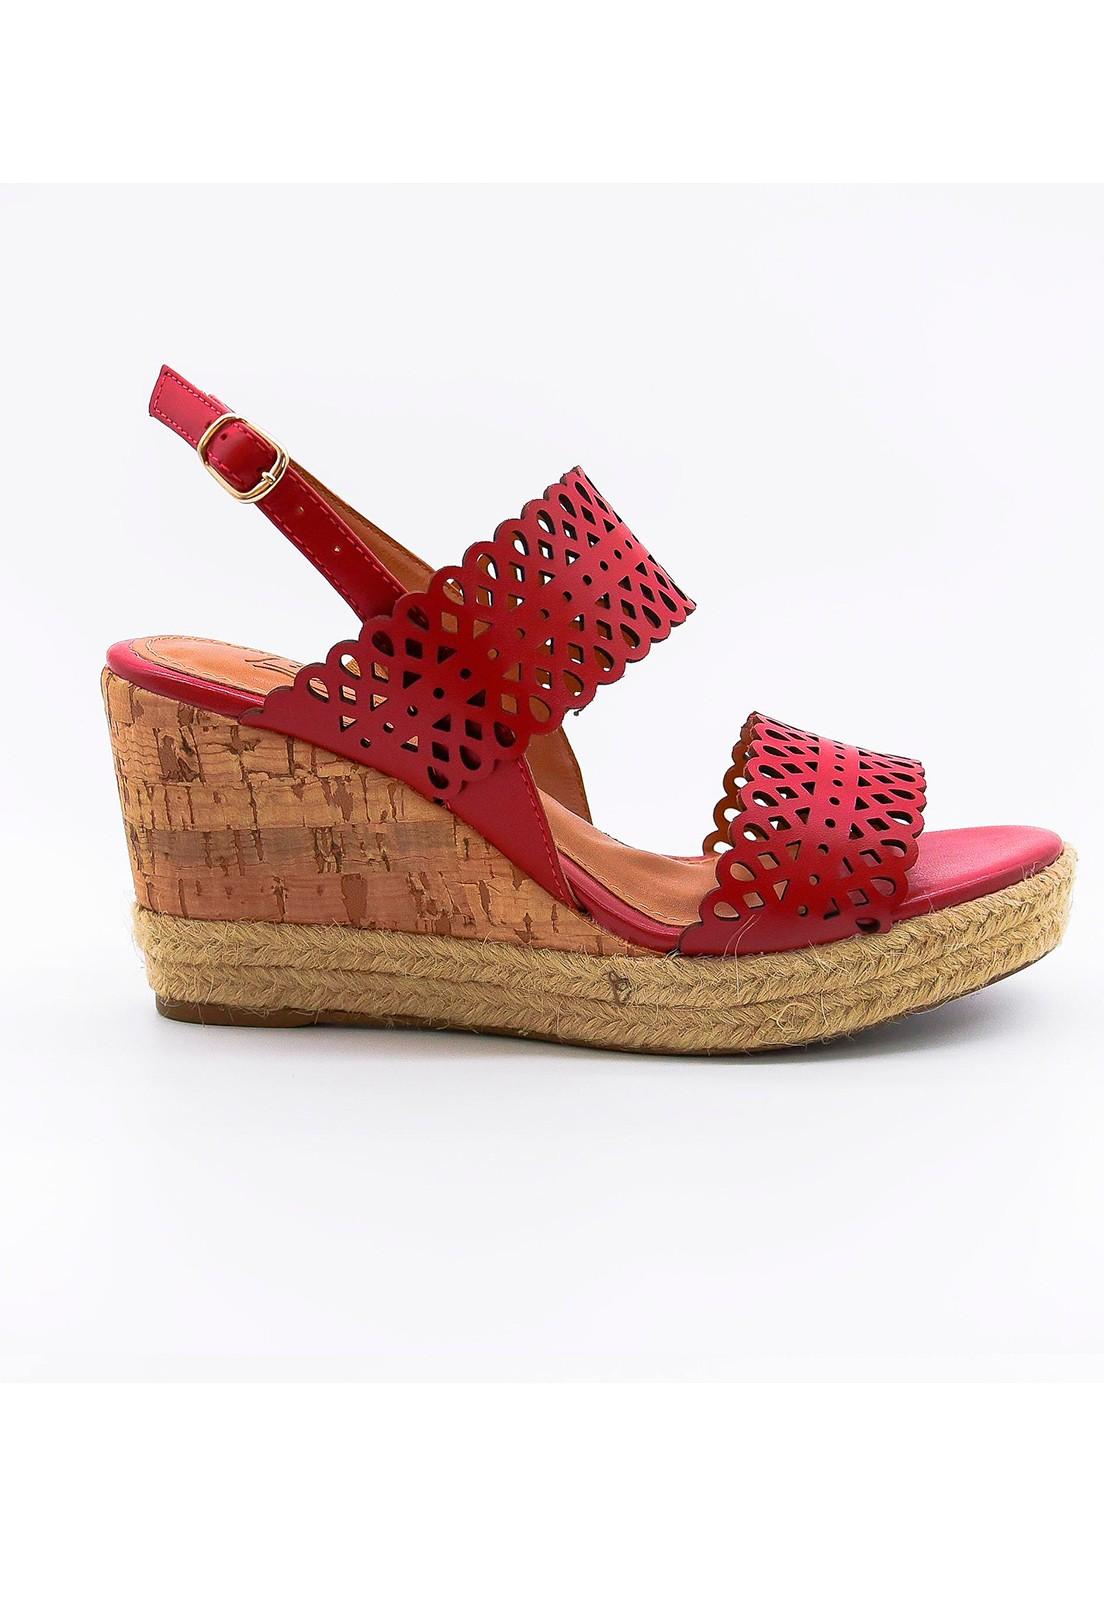 Sandália anabela em couro vermelha